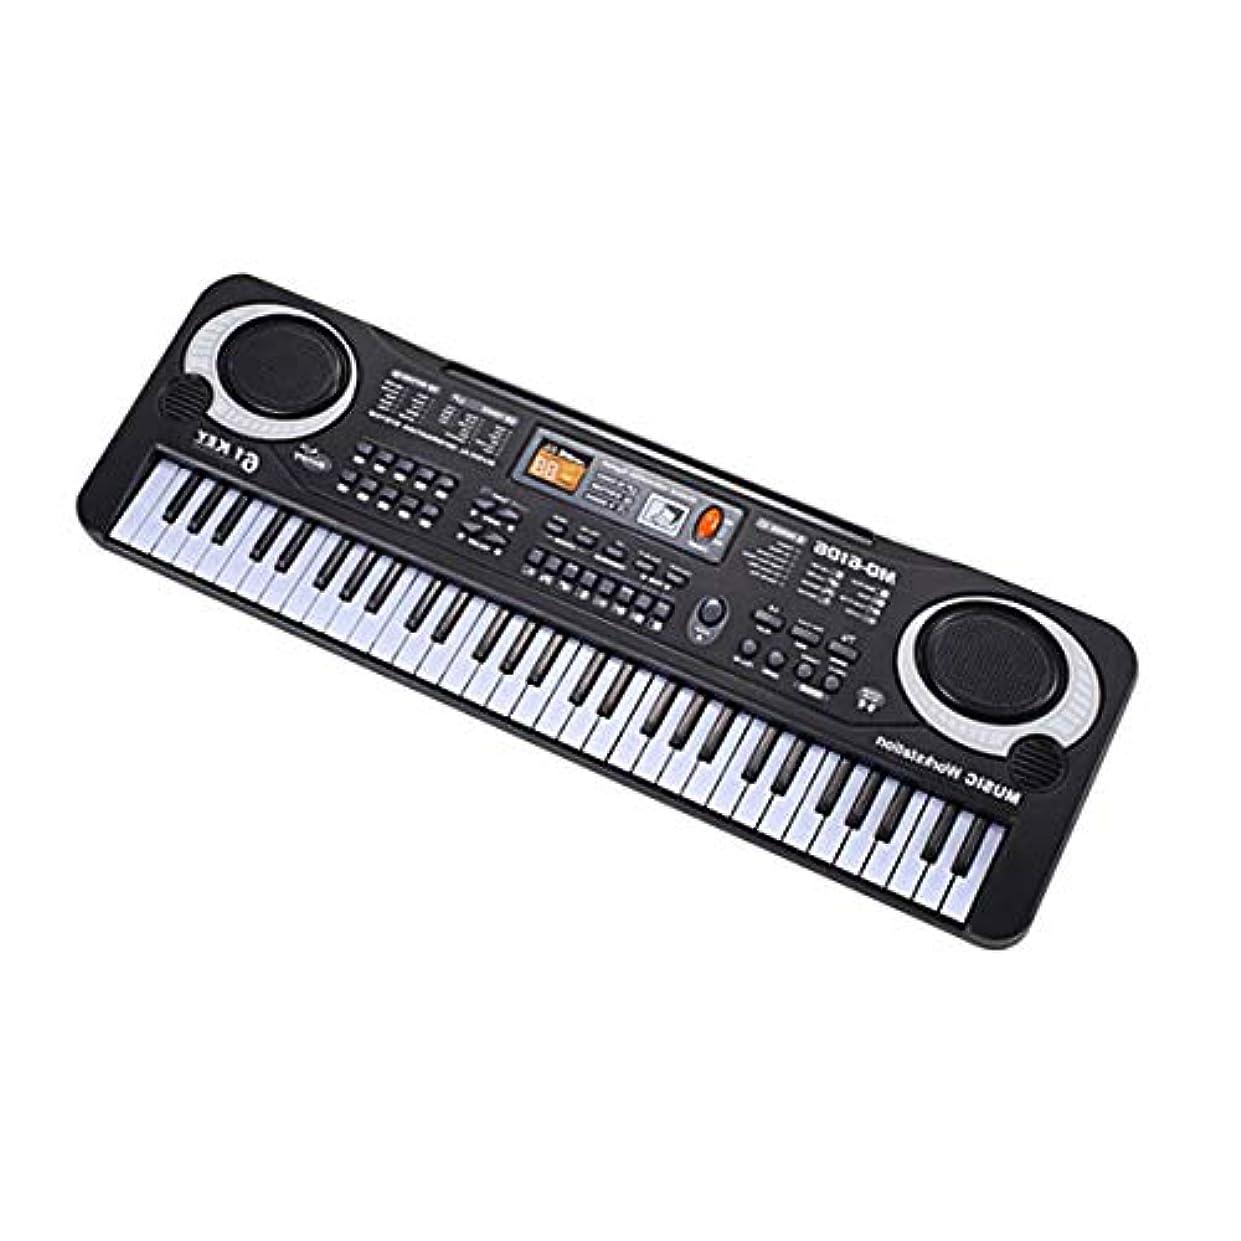 アルバムフローティングイソギンチャクBlackfell 61キー電子音楽キーボード電気オルガン付きマイク子供楽器子供のための早期教育ツール